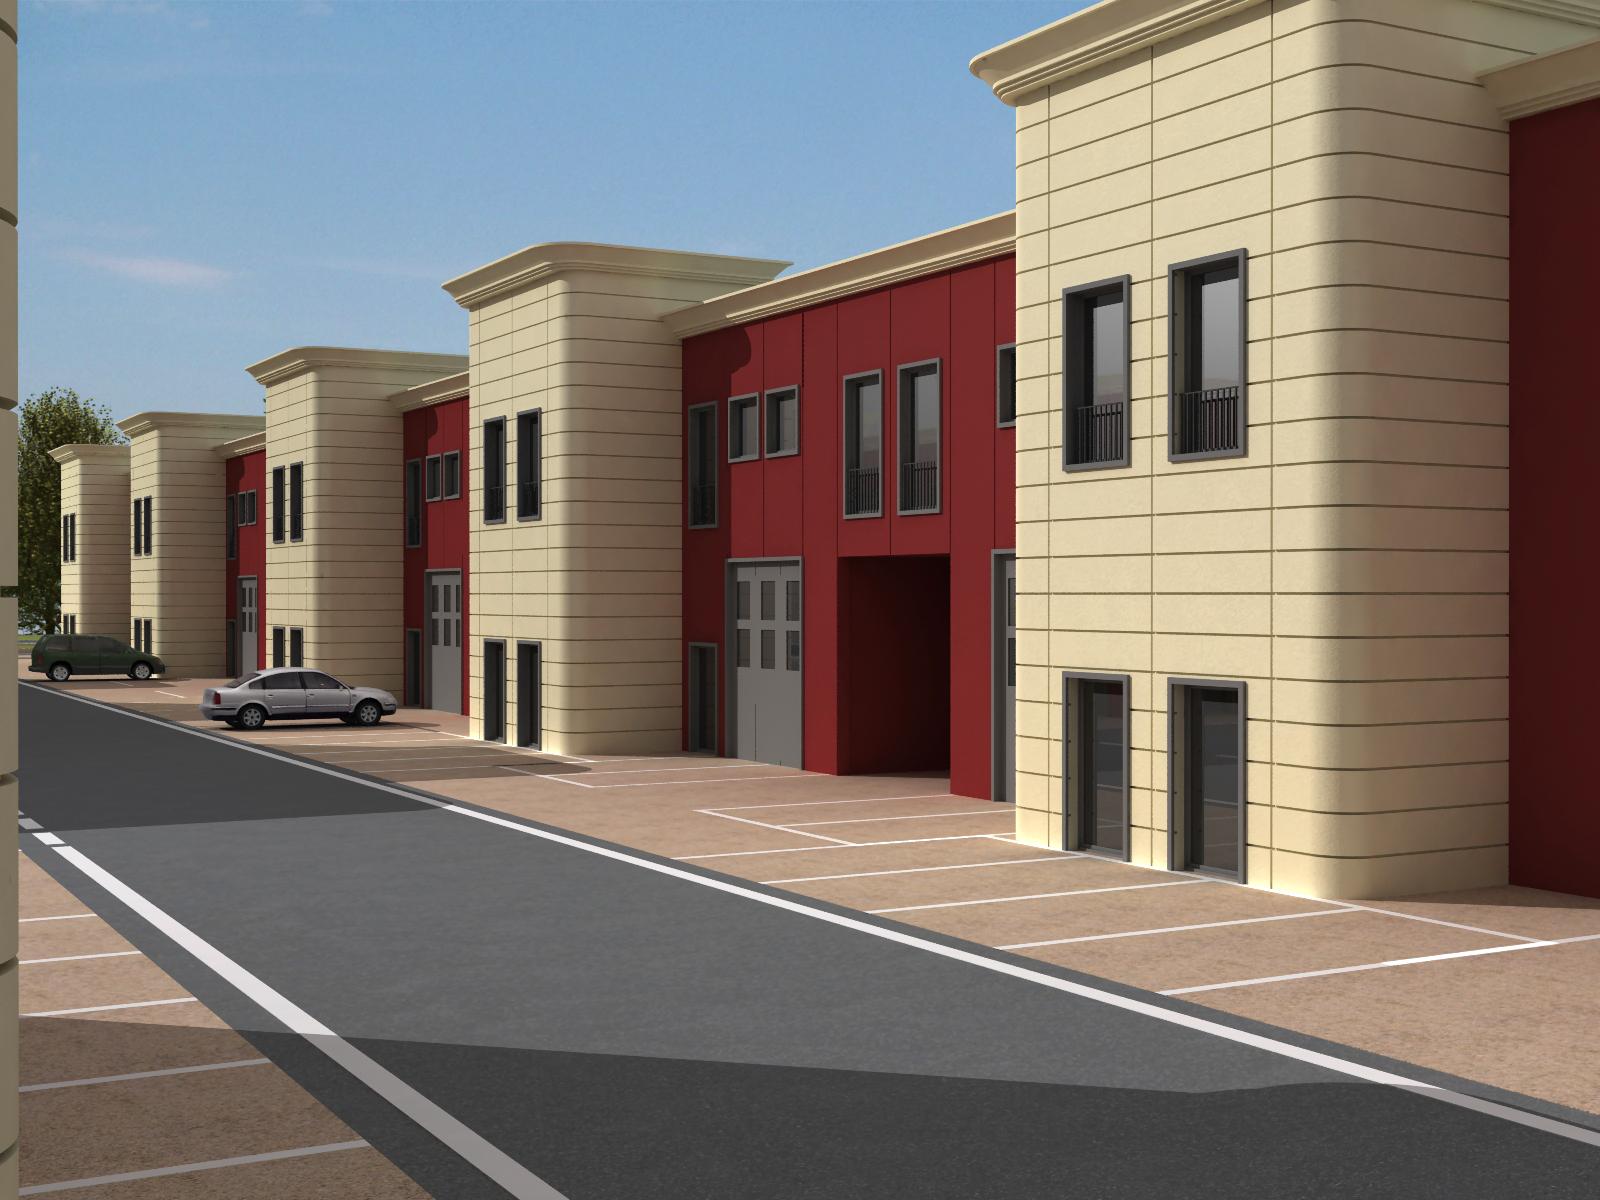 nuova-costruzione-di-fabbricati-artigianali-in-lucca-frazione-di-san-filippo-image-4